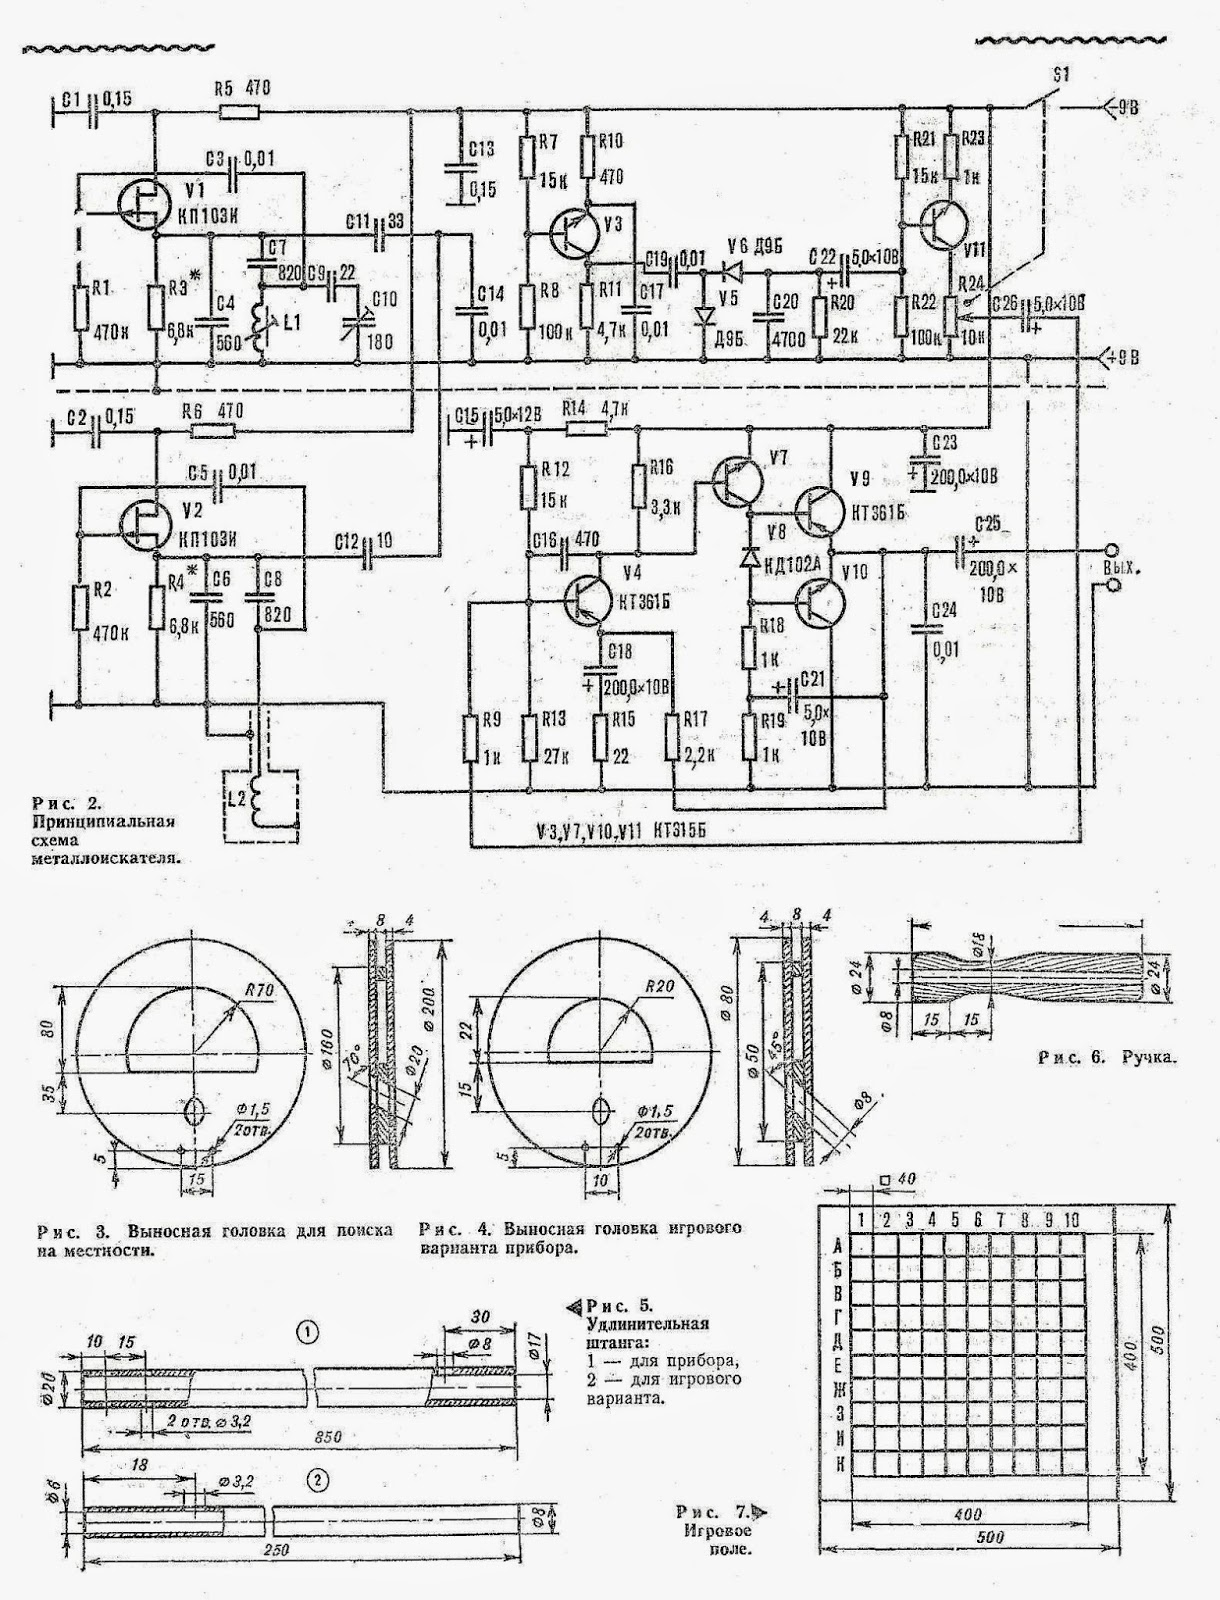 Изготовление прибора металлоискатель по схеме